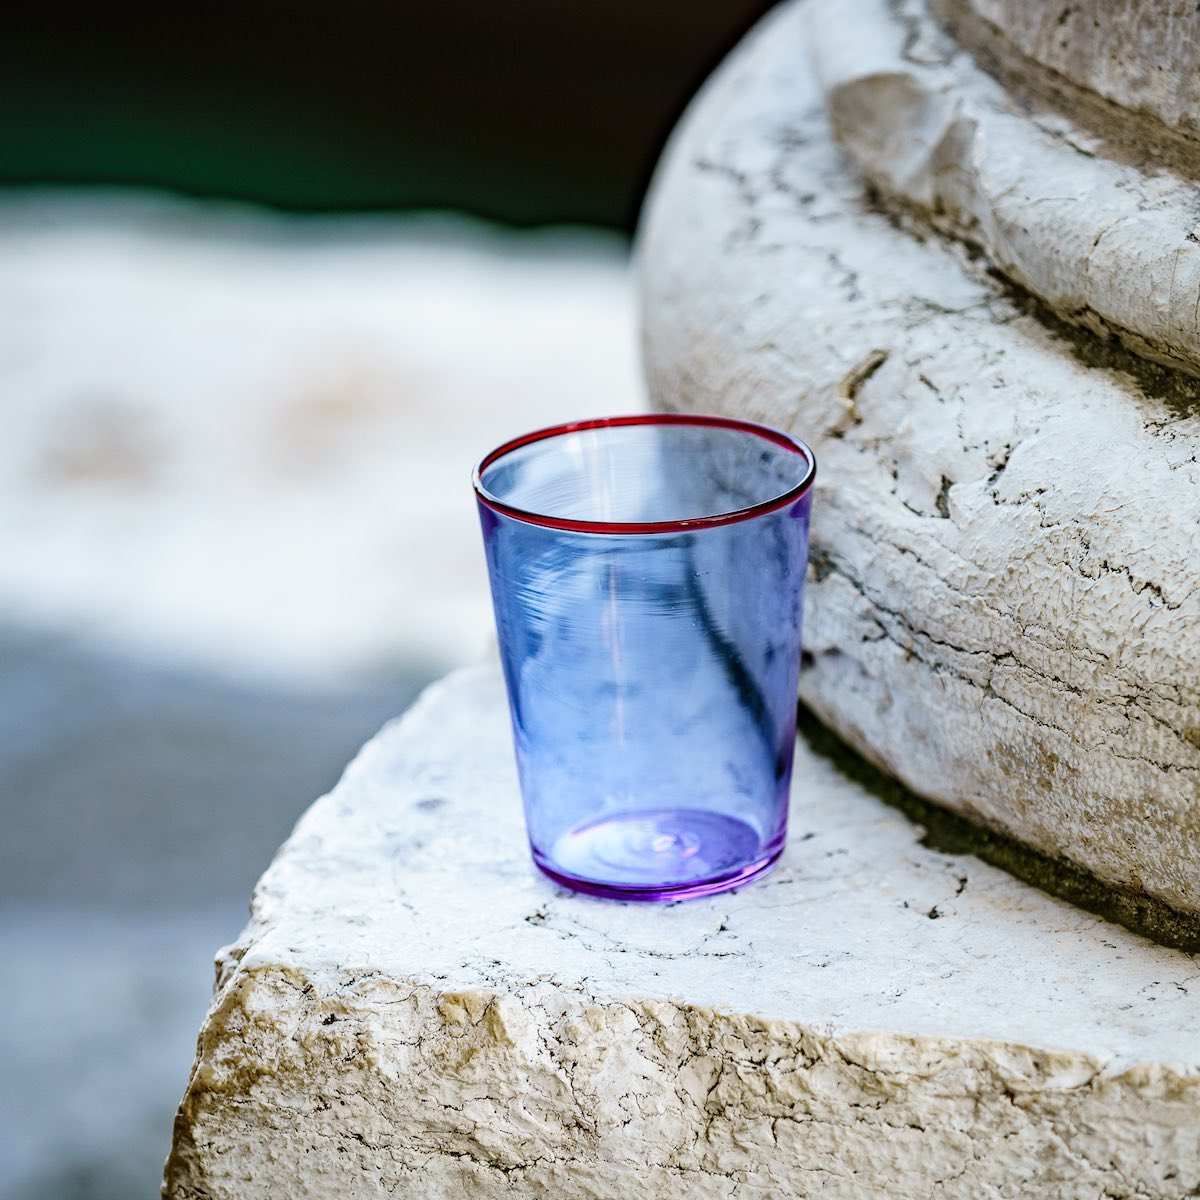 handmade-giberto-arrivabene-valenti-gonzaga-glass-murano-handmade